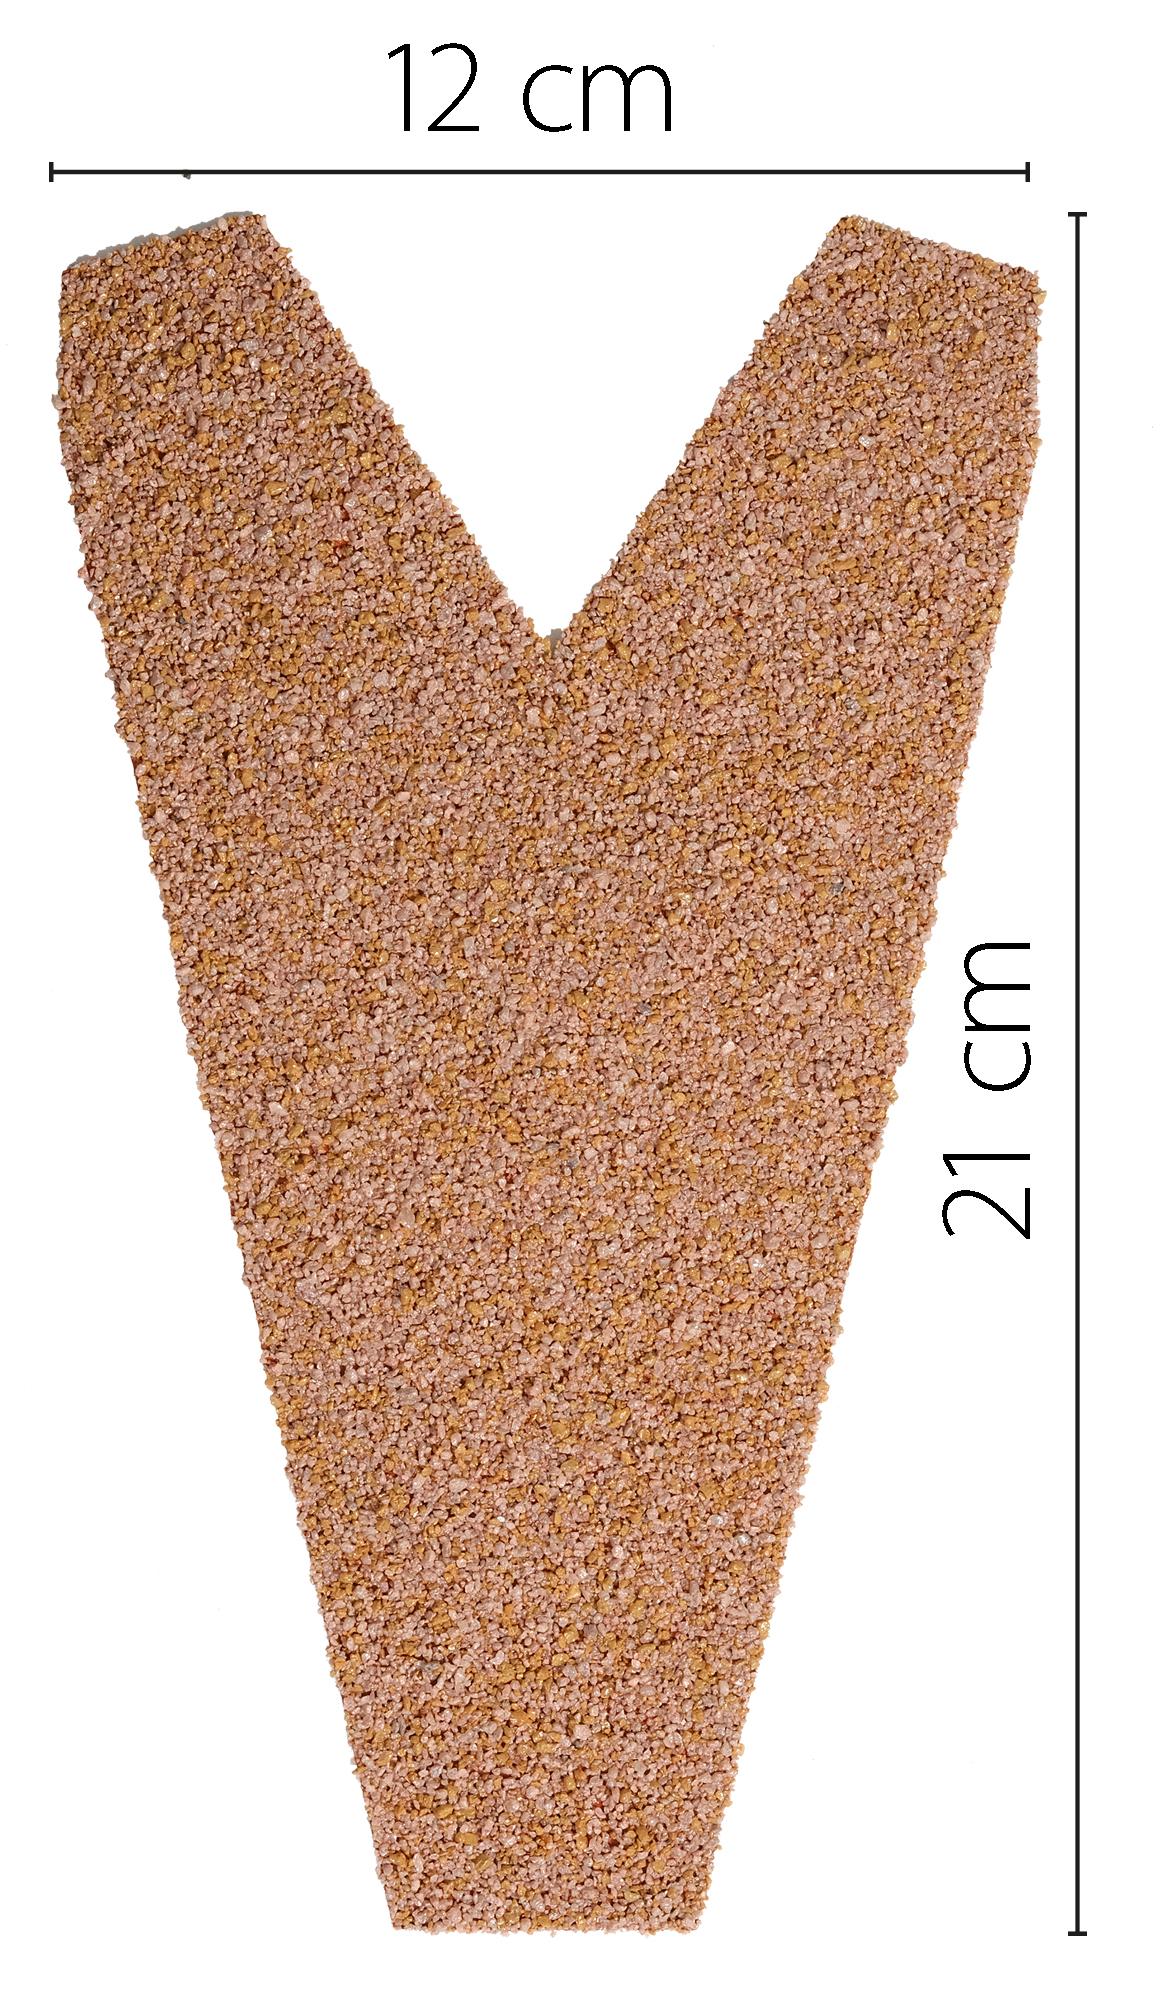 Pièce de fermeture pour plaque EASY-Tuile Terracotta